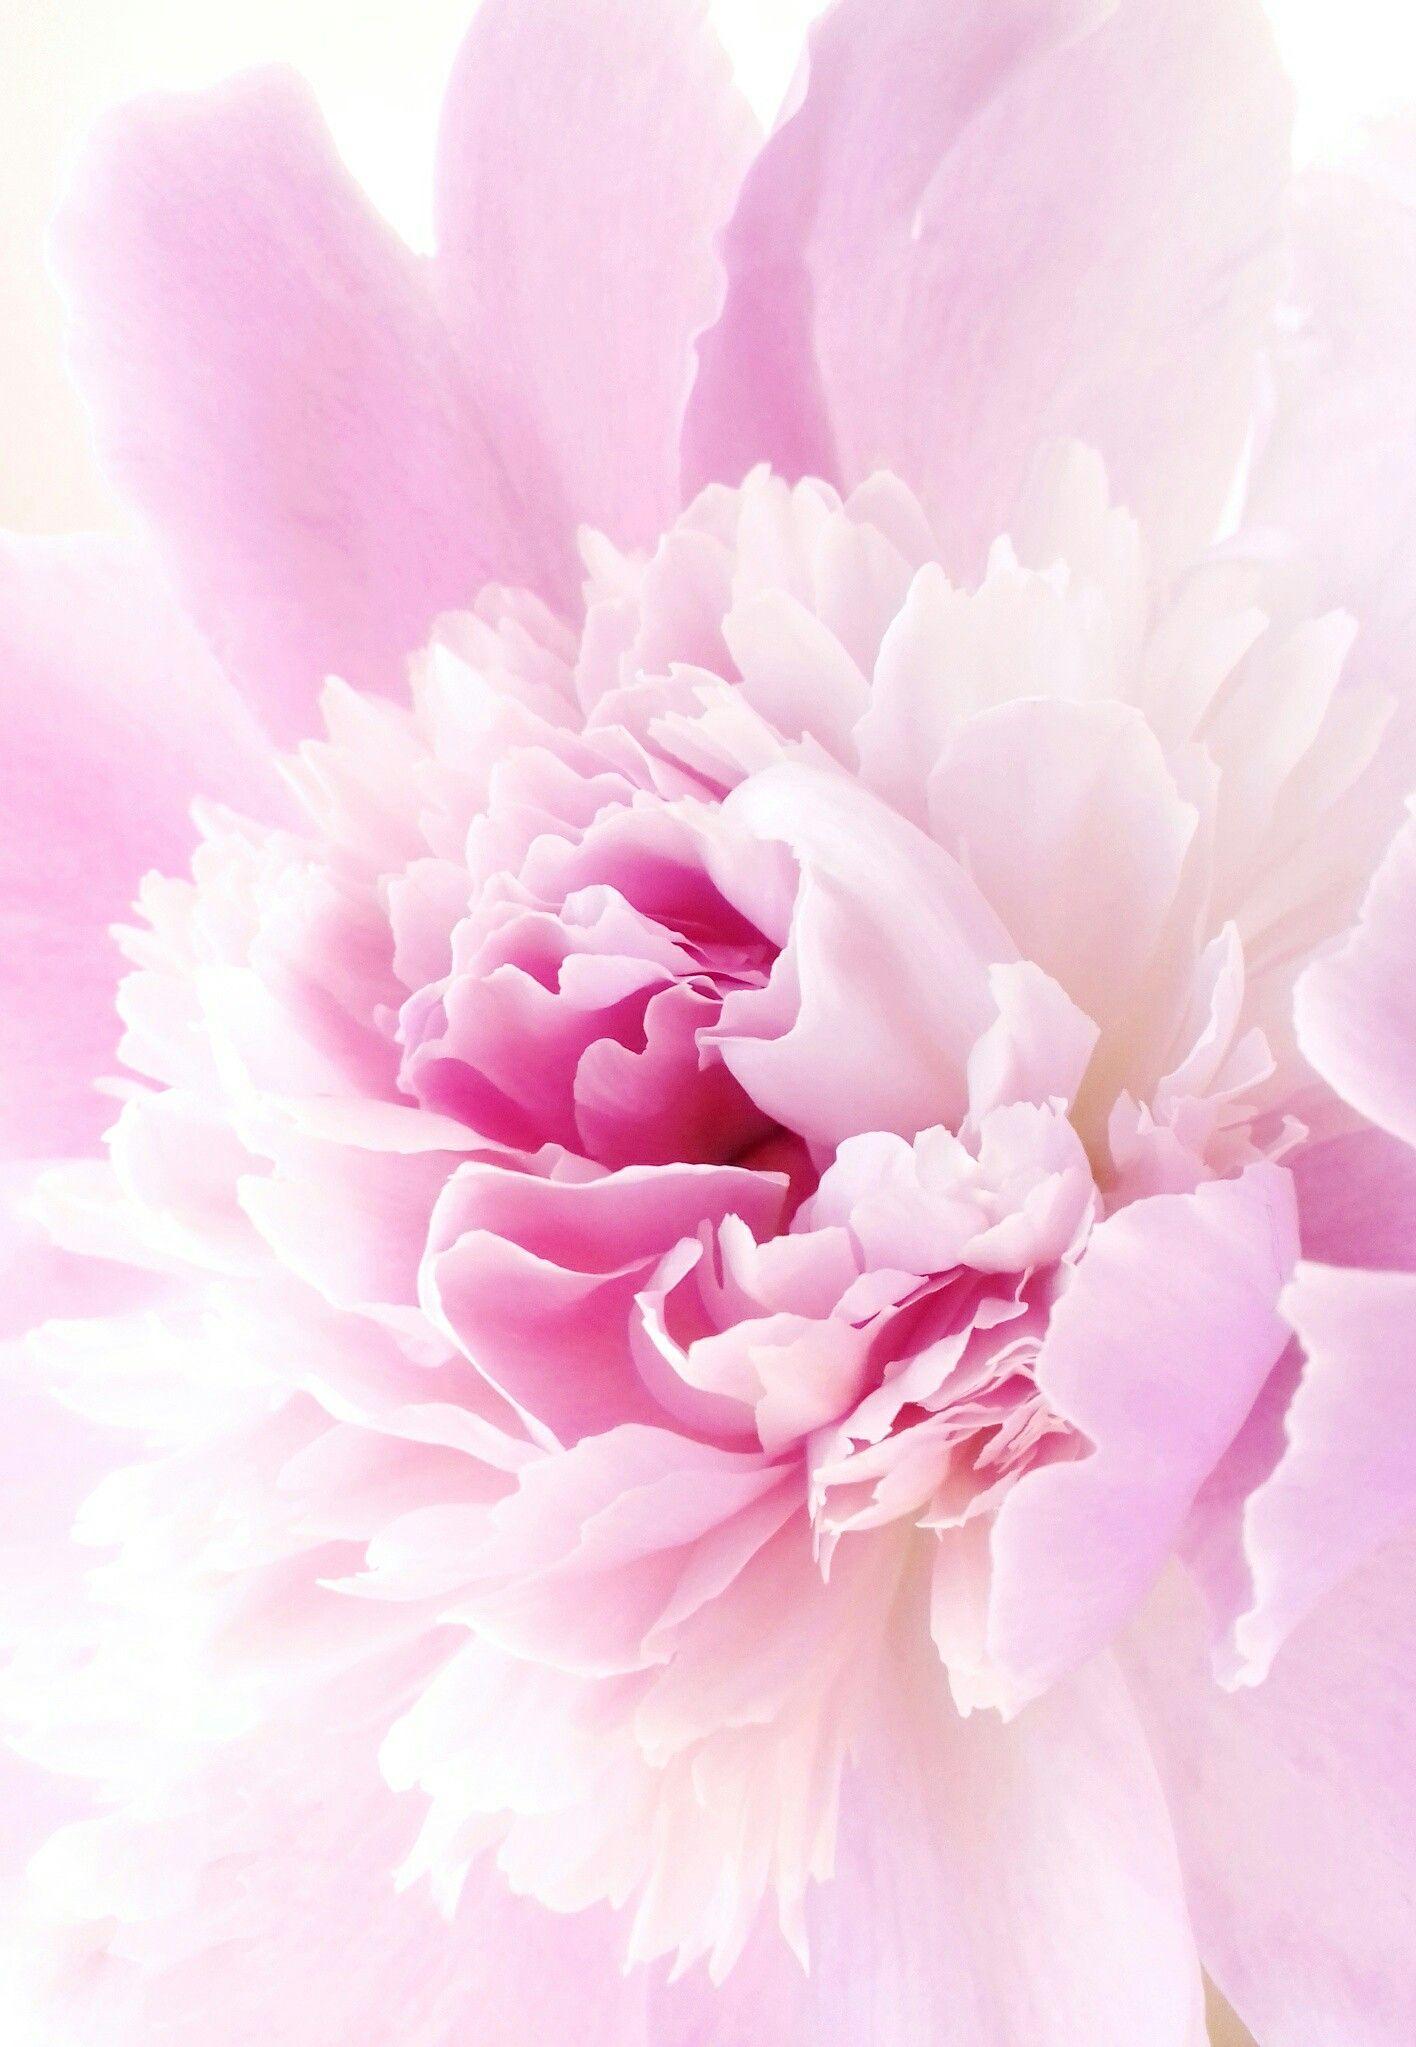 Piony Cvety Fon Flowers S Izobrazheniyami Cvety Piony Cvetok